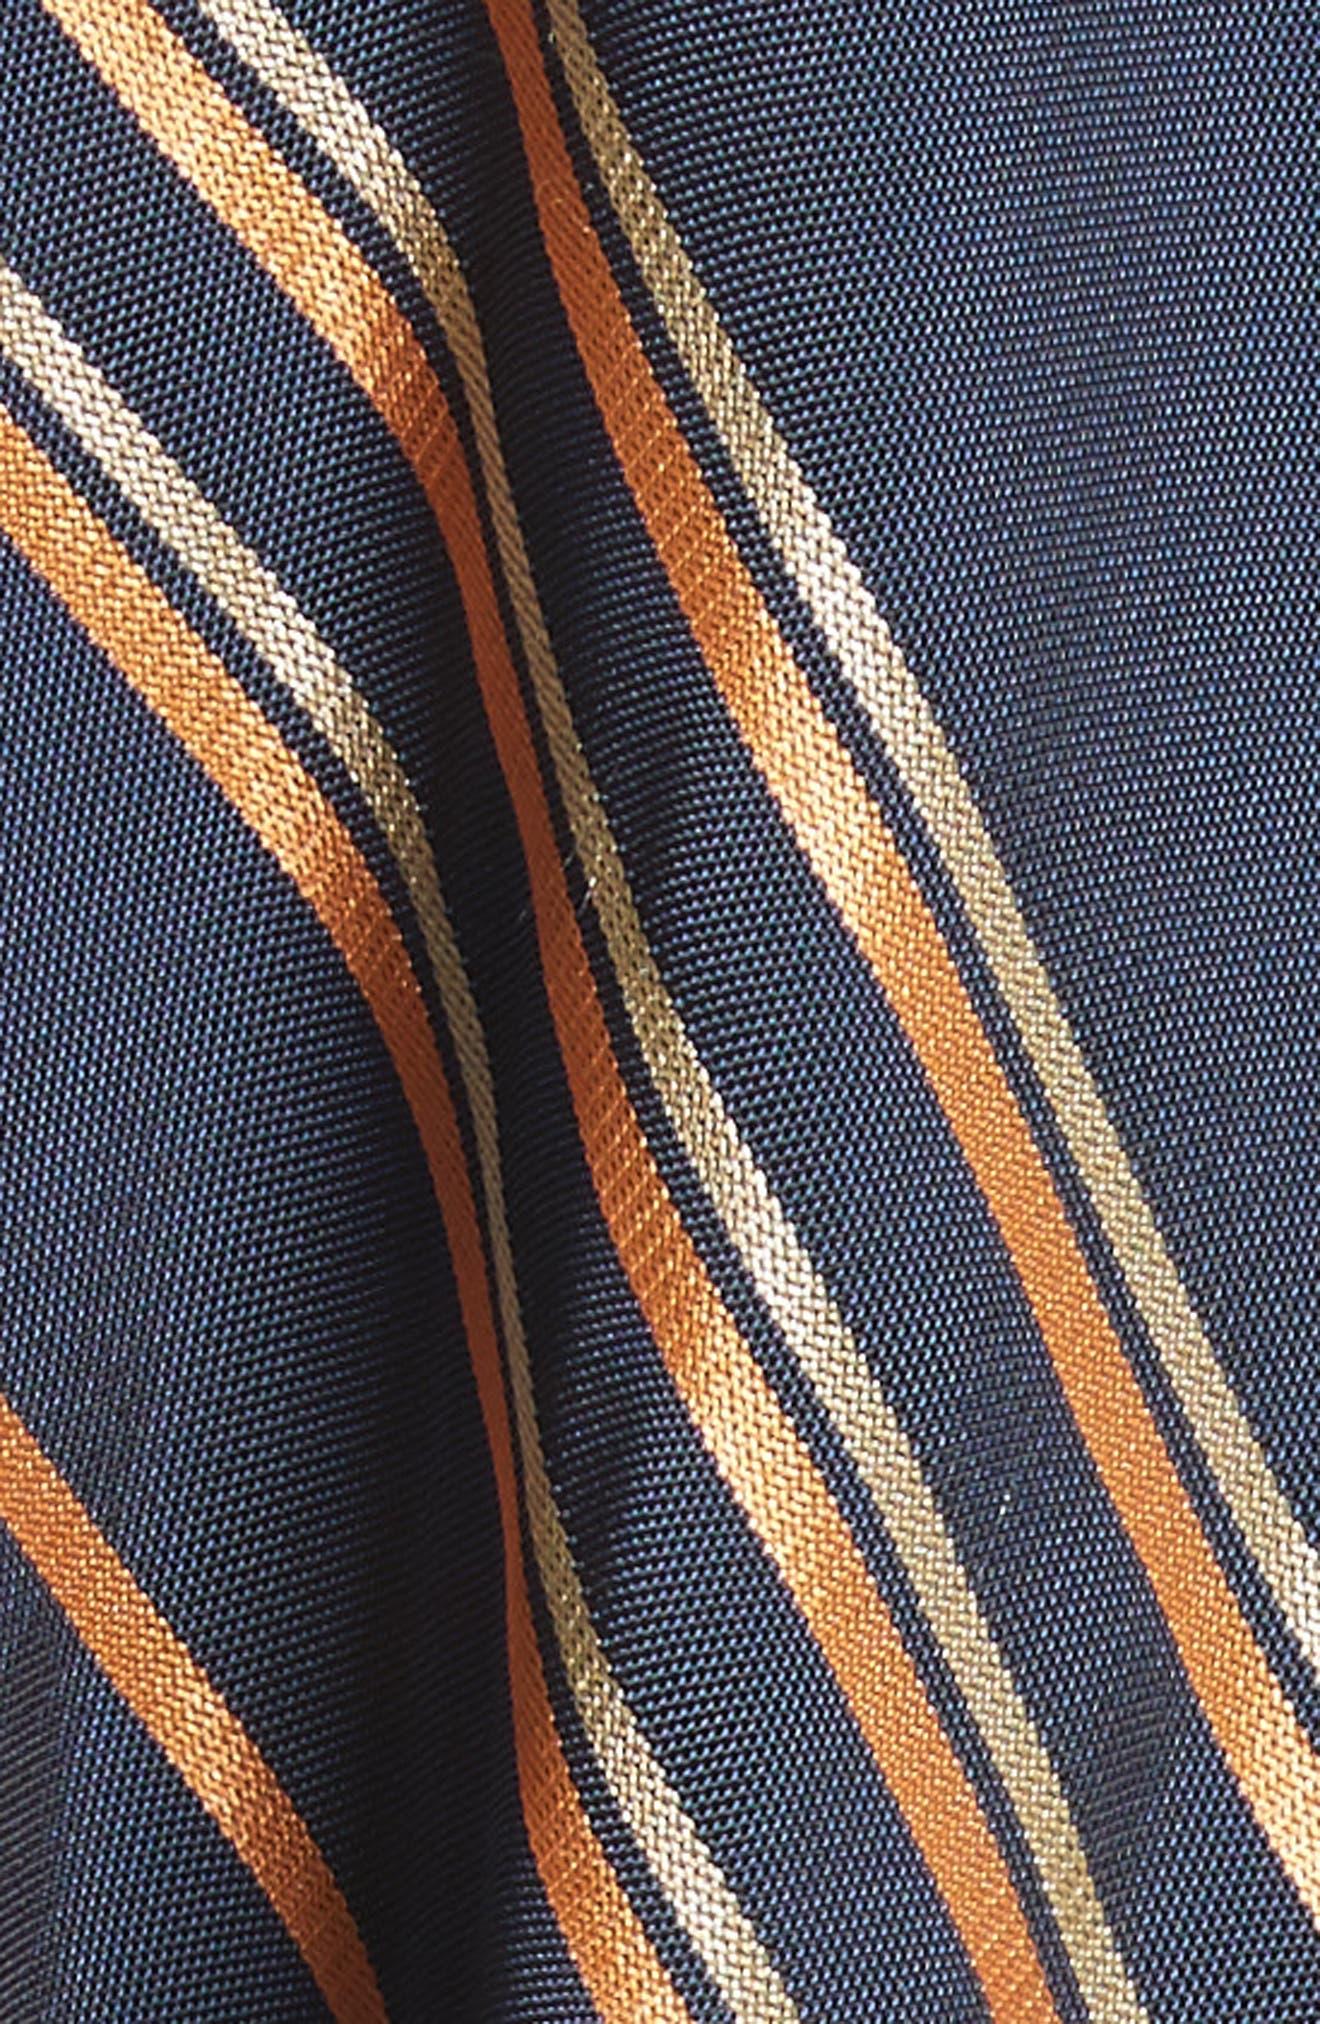 Stripe Dress,                             Alternate thumbnail 6, color,                             Mykonos/Papaya